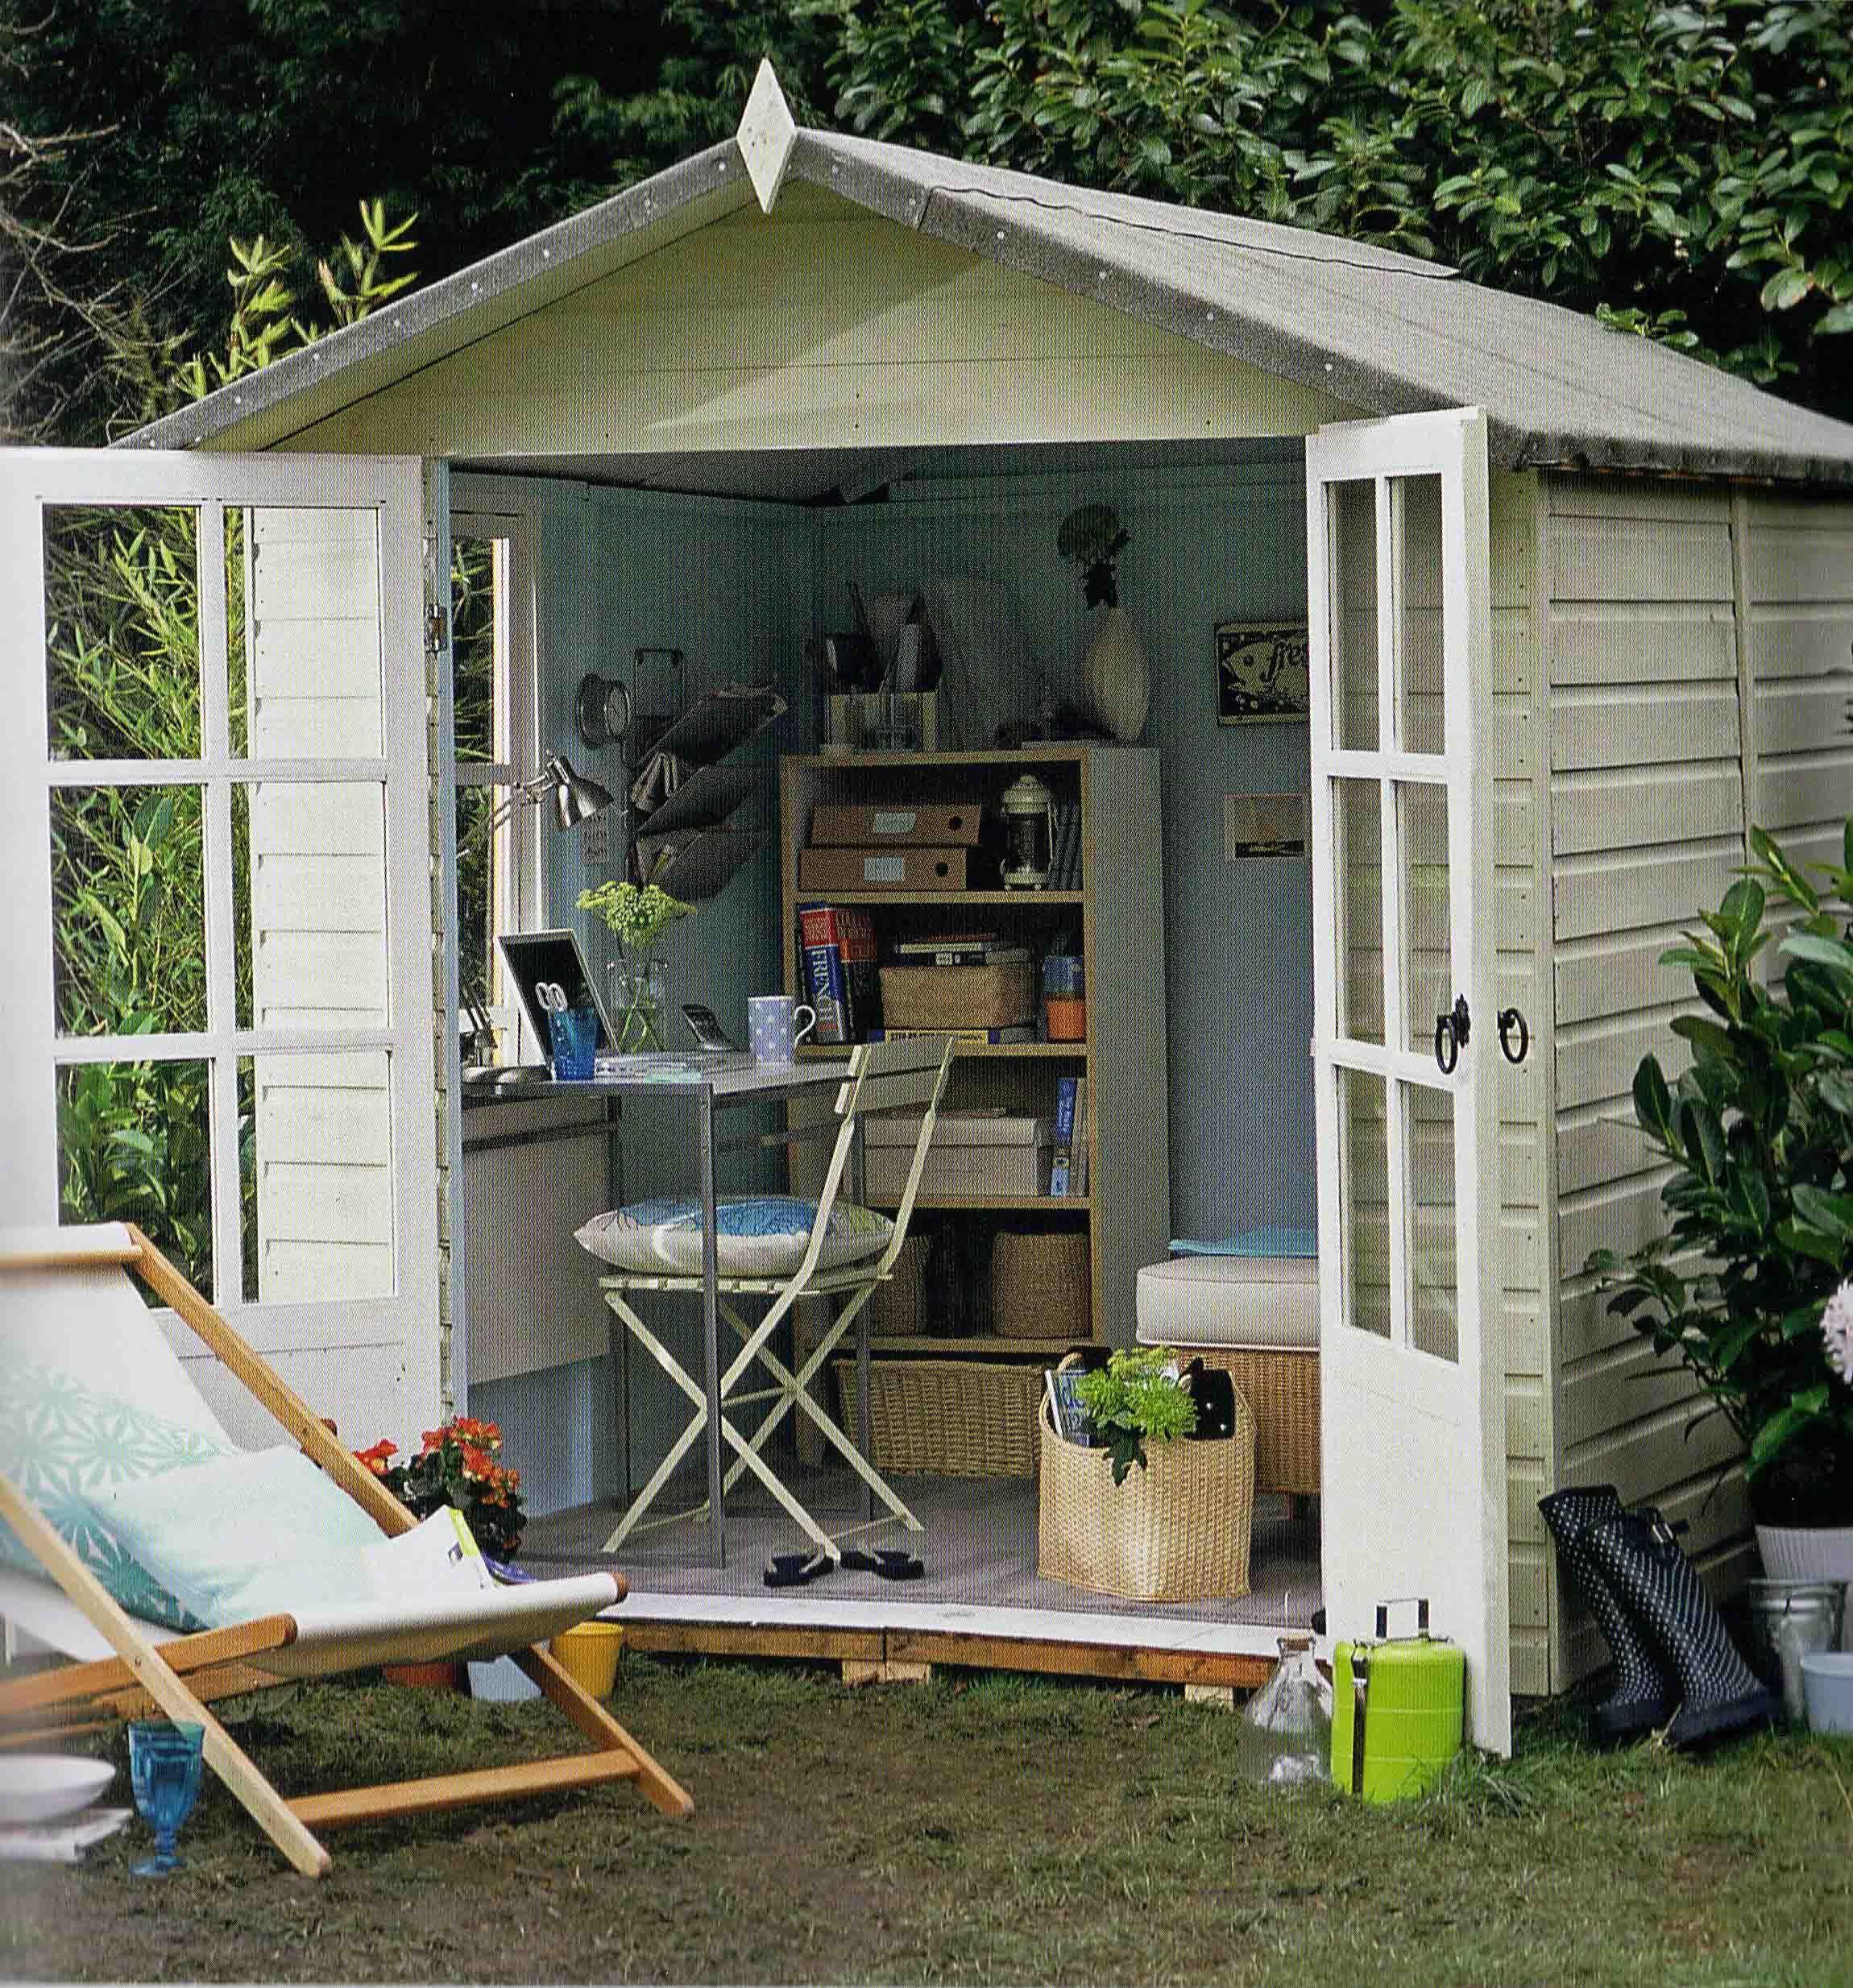 Backyard Office Shed Livingshedsbv Backyard Office Shed